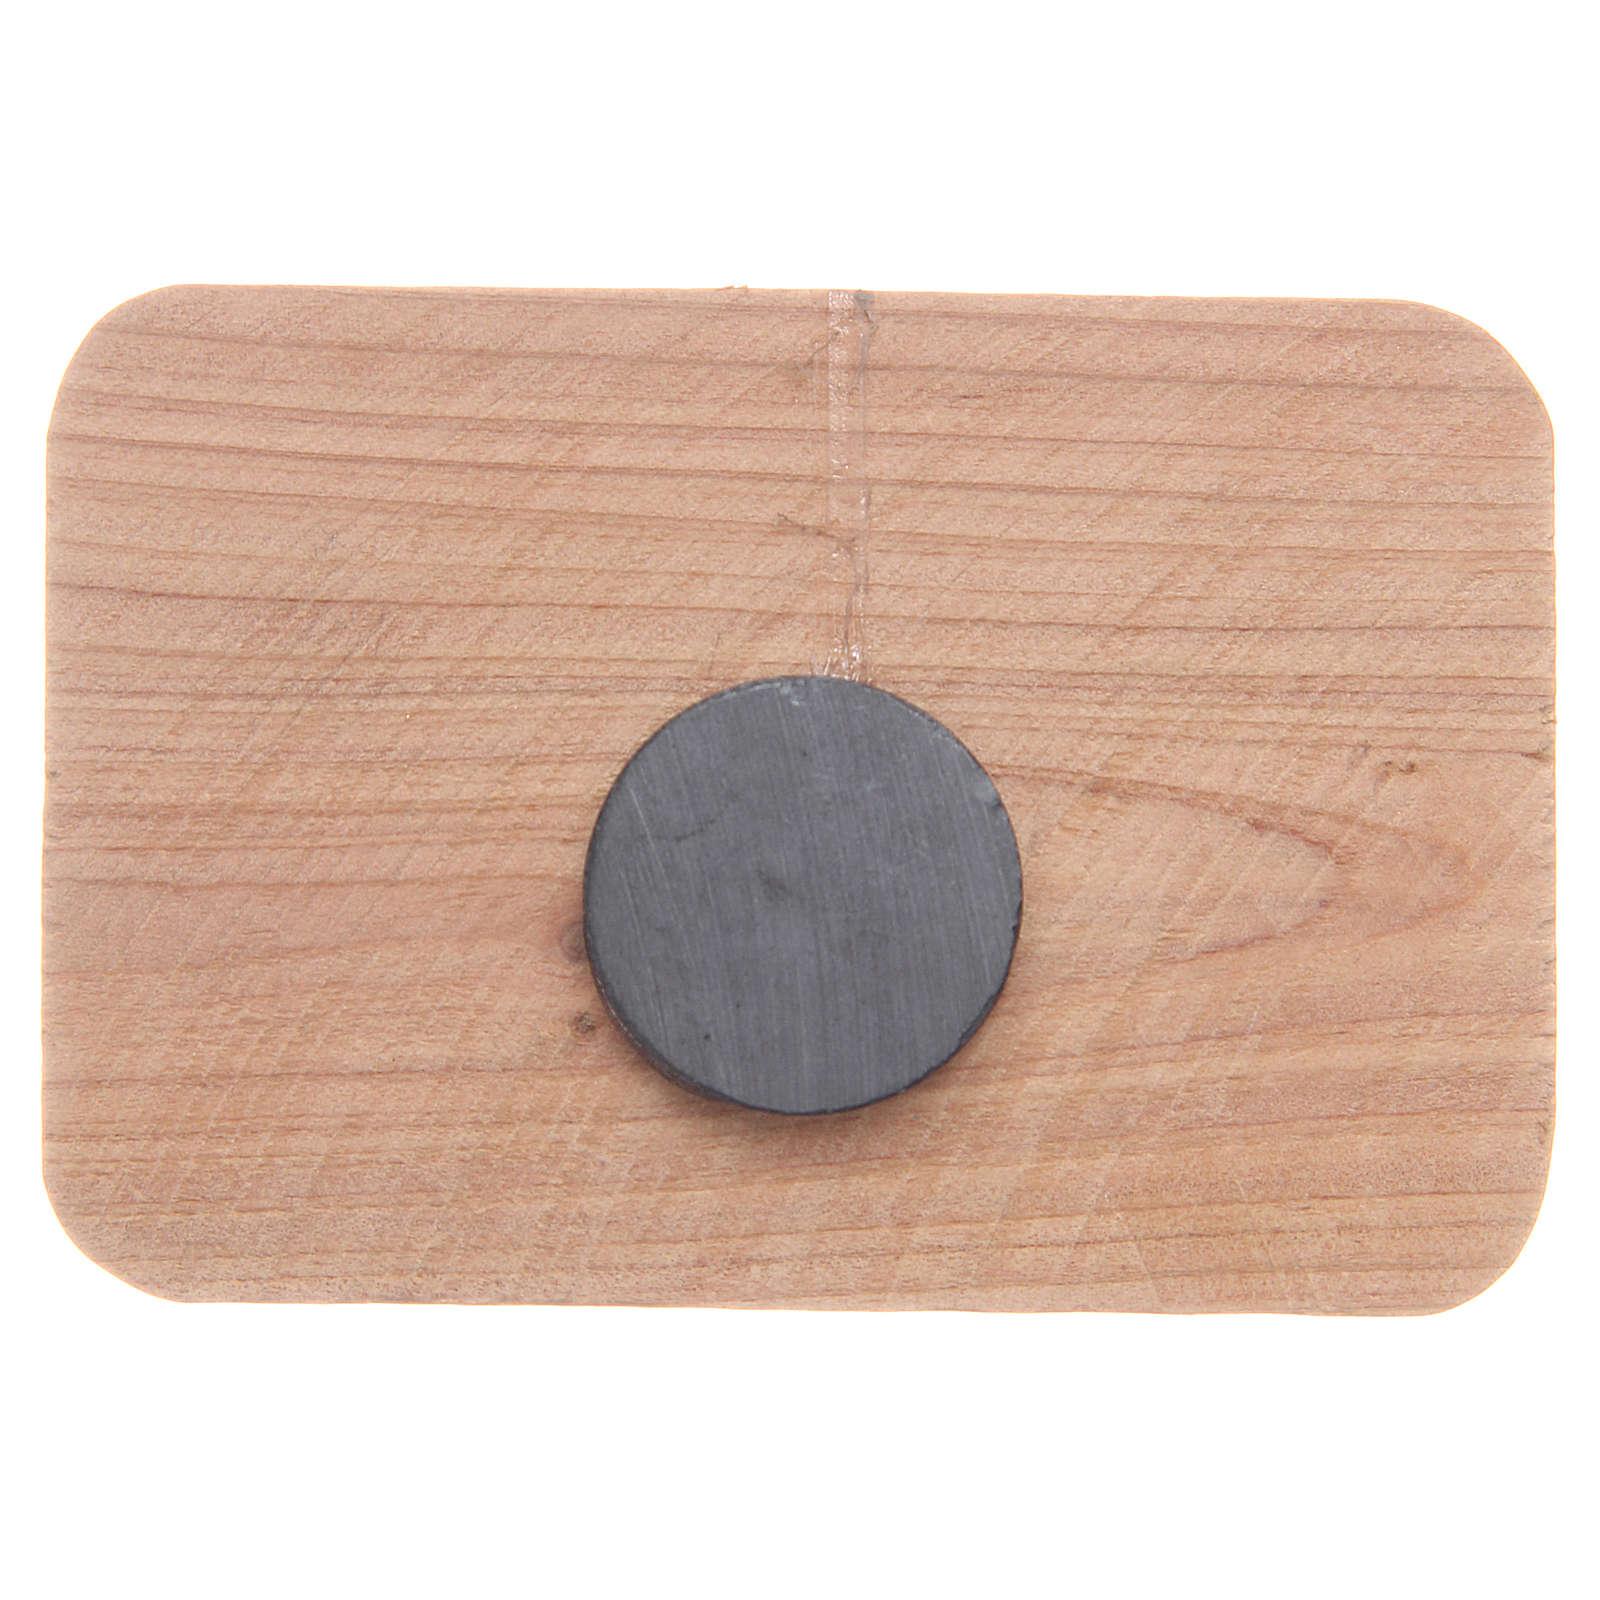 Magnet in Medjugorje olive wood, 7x5cm 4